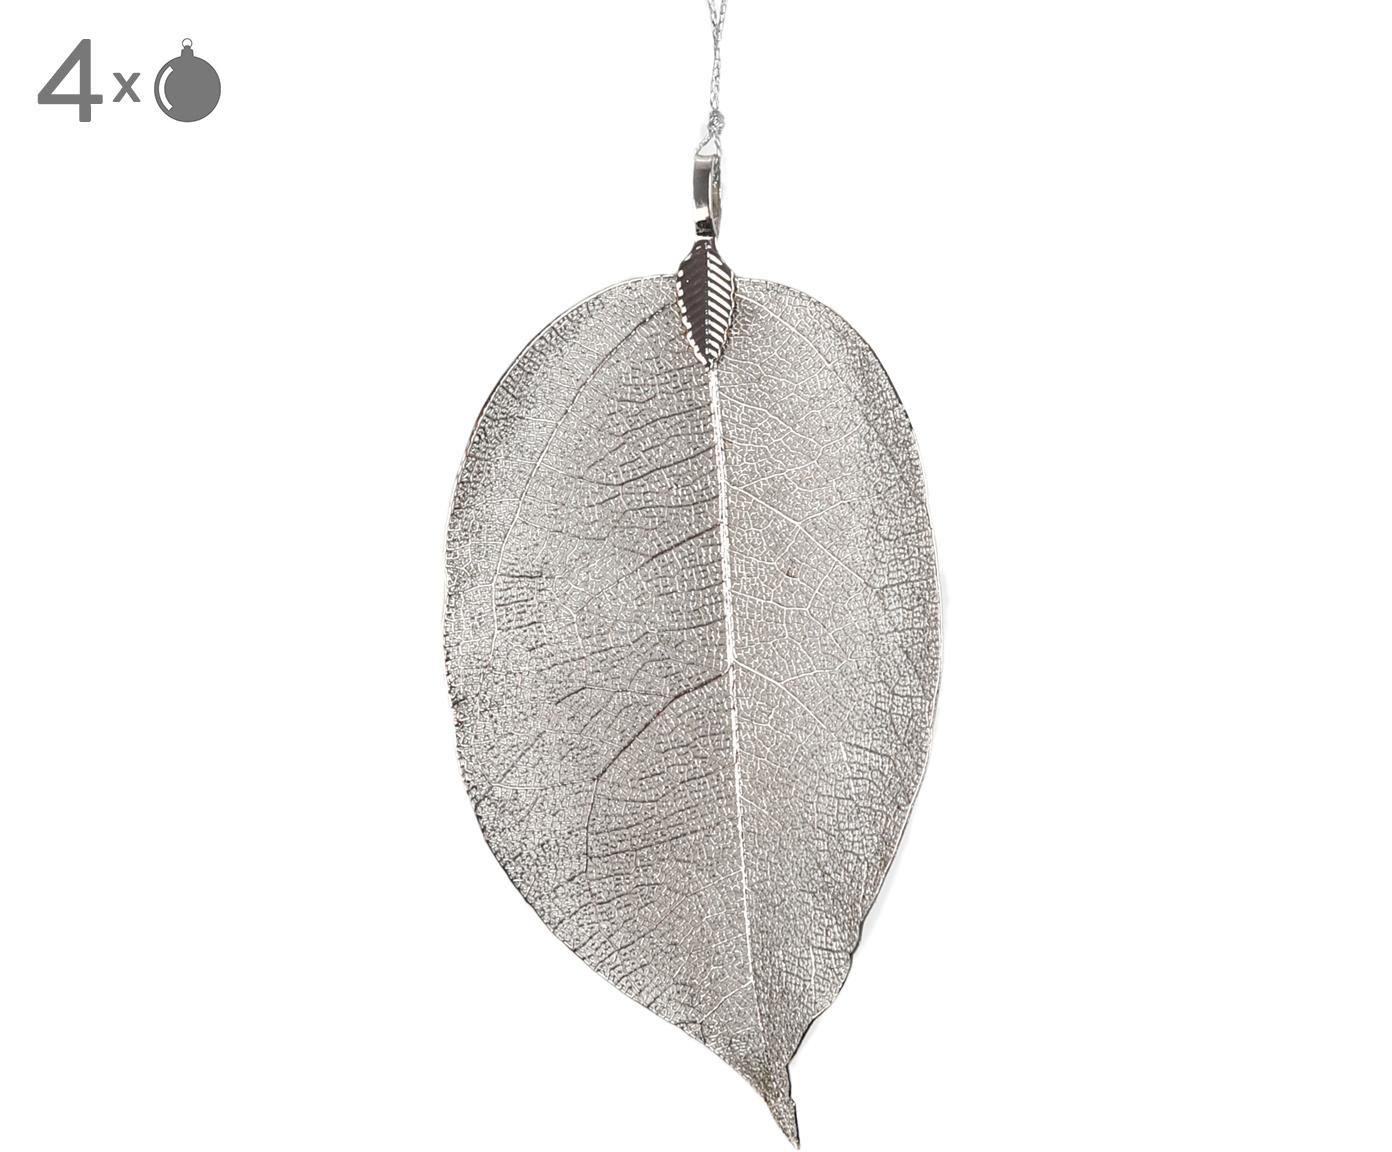 XL Baumanhänger Leava, 4 Stück, Öse: Metall, beschichtet, Silberfarben, 6 x 17 cm